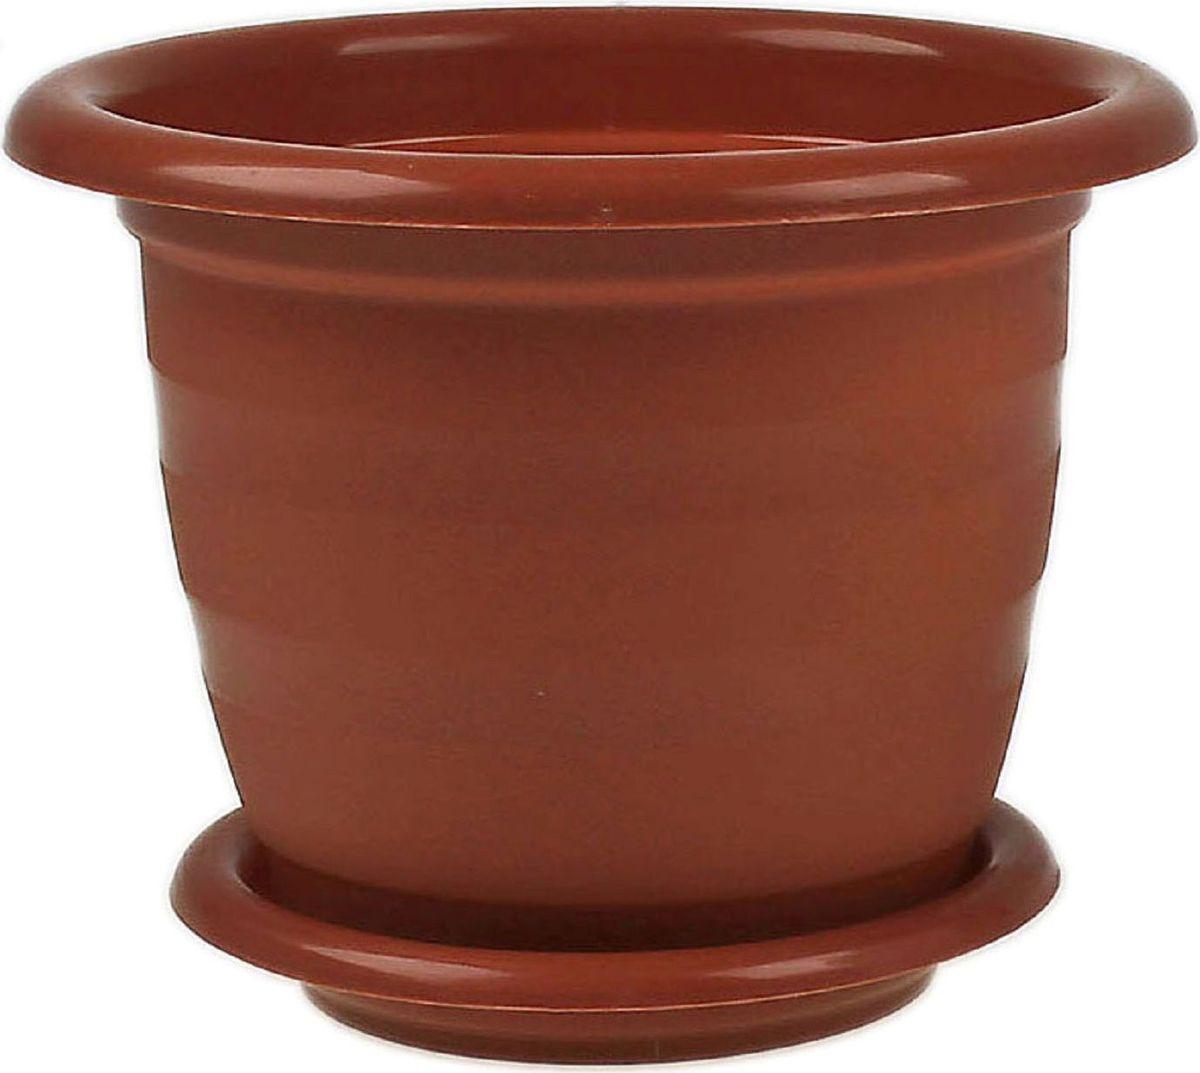 Горшок для цветов Альтернатива Виола, с поддоном, цвет: коричневый, 5 л608322Любой, даже самый современный и продуманный интерьер будет не завершенным без растений. Они не только очищают воздух и насыщают его кислородом, но и заметно украшают окружающее пространство. Такому полезному члену семьи просто необходимо красивое и функциональное кашпо, оригинальный горшок или необычная ваза! Мы предлагаем - Горшок для цветов 5 л Виола, поддон, цвет коричневый! Оптимальный выбор материала - это пластмасса! Почему мы так считаем? Малый вес. С легкостью переносите горшки и кашпо с места на место, ставьте их на столики или полки, подвешивайте под потолок, не беспокоясь о нагрузке. Простота ухода. Пластиковые изделия не нуждаются в специальных условиях хранения. Их легко чистить достаточно просто сполоснуть теплой водой. Никаких царапин. Пластиковые кашпо не царапают и не загрязняют поверхности, на которых стоят. Пластик дольше хранит влагу, а значит растение реже нуждается в поливе. Пластмасса не пропускает воздух корневой системе растения не грозят резкие перепады температур. Огромный выбор форм, декора и расцветок вы без труда подберете что-то, что идеально впишется в уже существующий интерьер. Соблюдая нехитрые правила ухода, вы можете заметно продлить срок службы горшков, вазонов и кашпо из пластика: всегда учитывайте размер кроны и корневой системы растения (при разрастании большое растение способно повредить маленький горшок) берегите изделие от воздействия прямых солнечных лучей, чтобы кашпо и горшки не выцветали держите кашпо и горшки из пластика подальше от нагревающихся поверхностей. Создавайте прекрасные цветочные композиции, выращивайте рассаду или необычные растения, а низкие цены позволят вам не ограничивать себя в выборе.